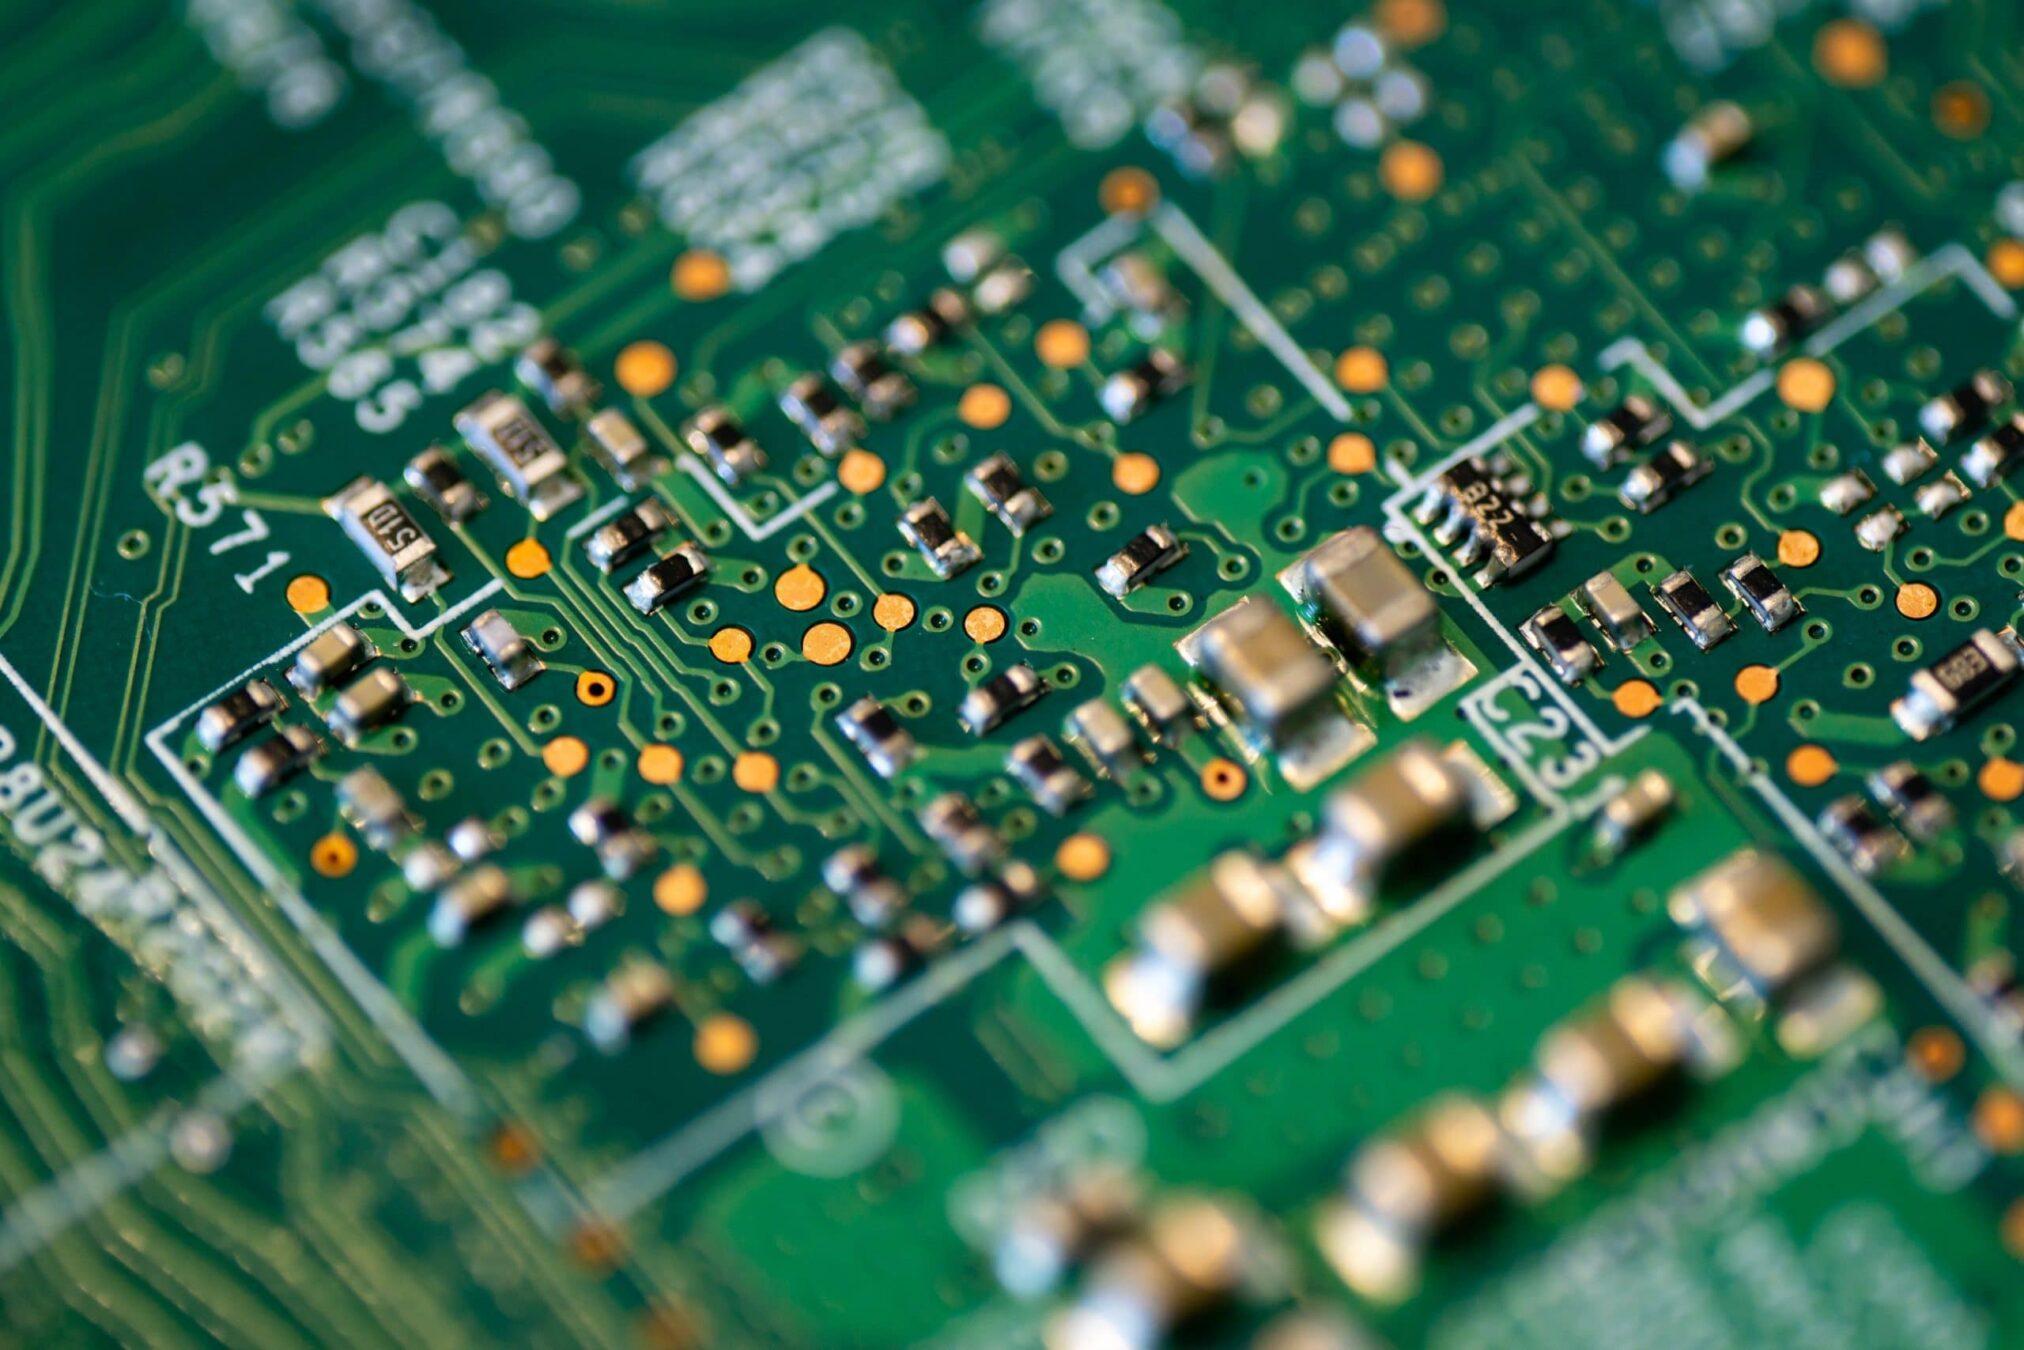 Hardware Maintenance scaled